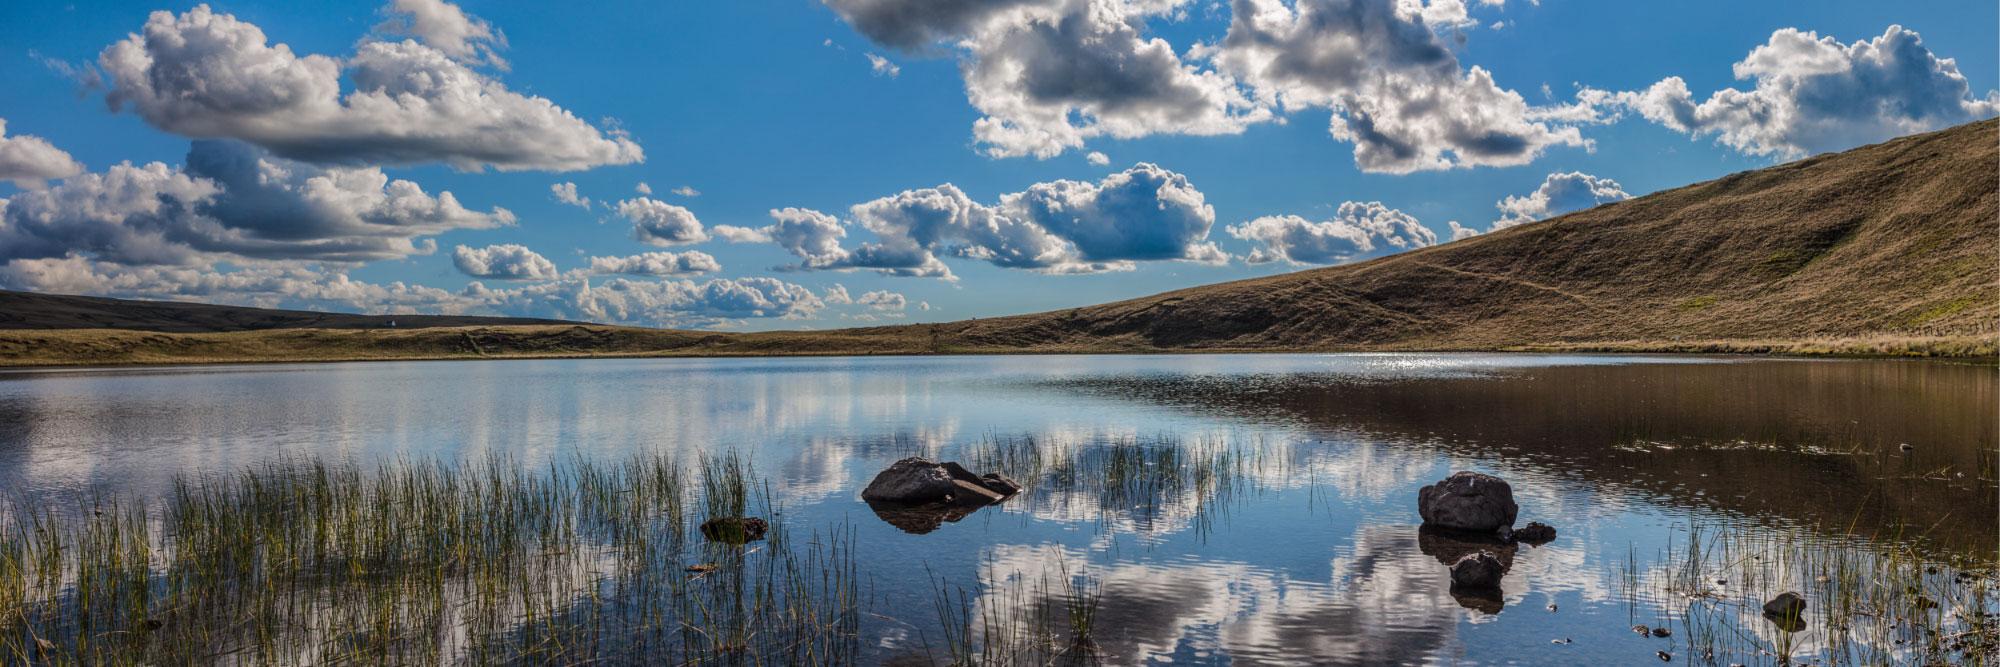 Lac d'en Haut, d'origine volcanique, La Godivelle